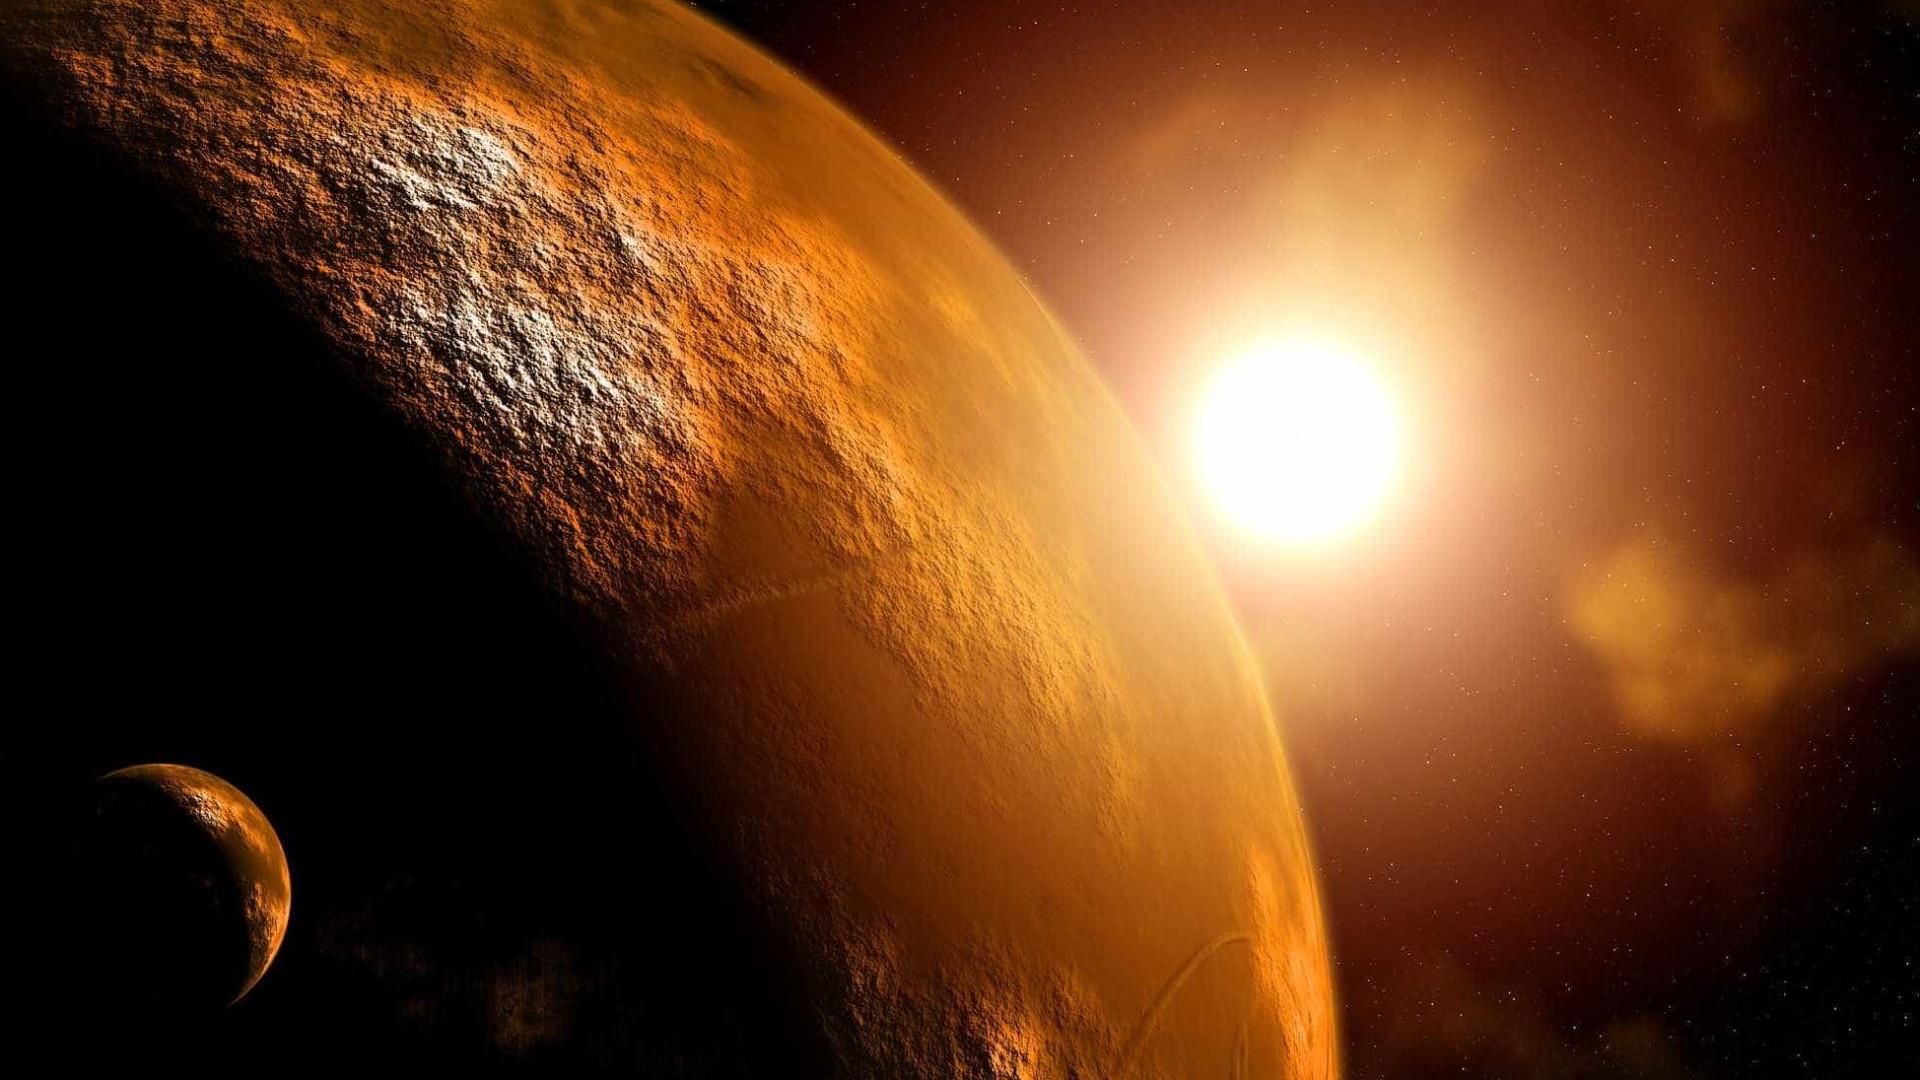 Acreditava ter descoberto um novo corpo celeste. Afinal, era apenas Marte